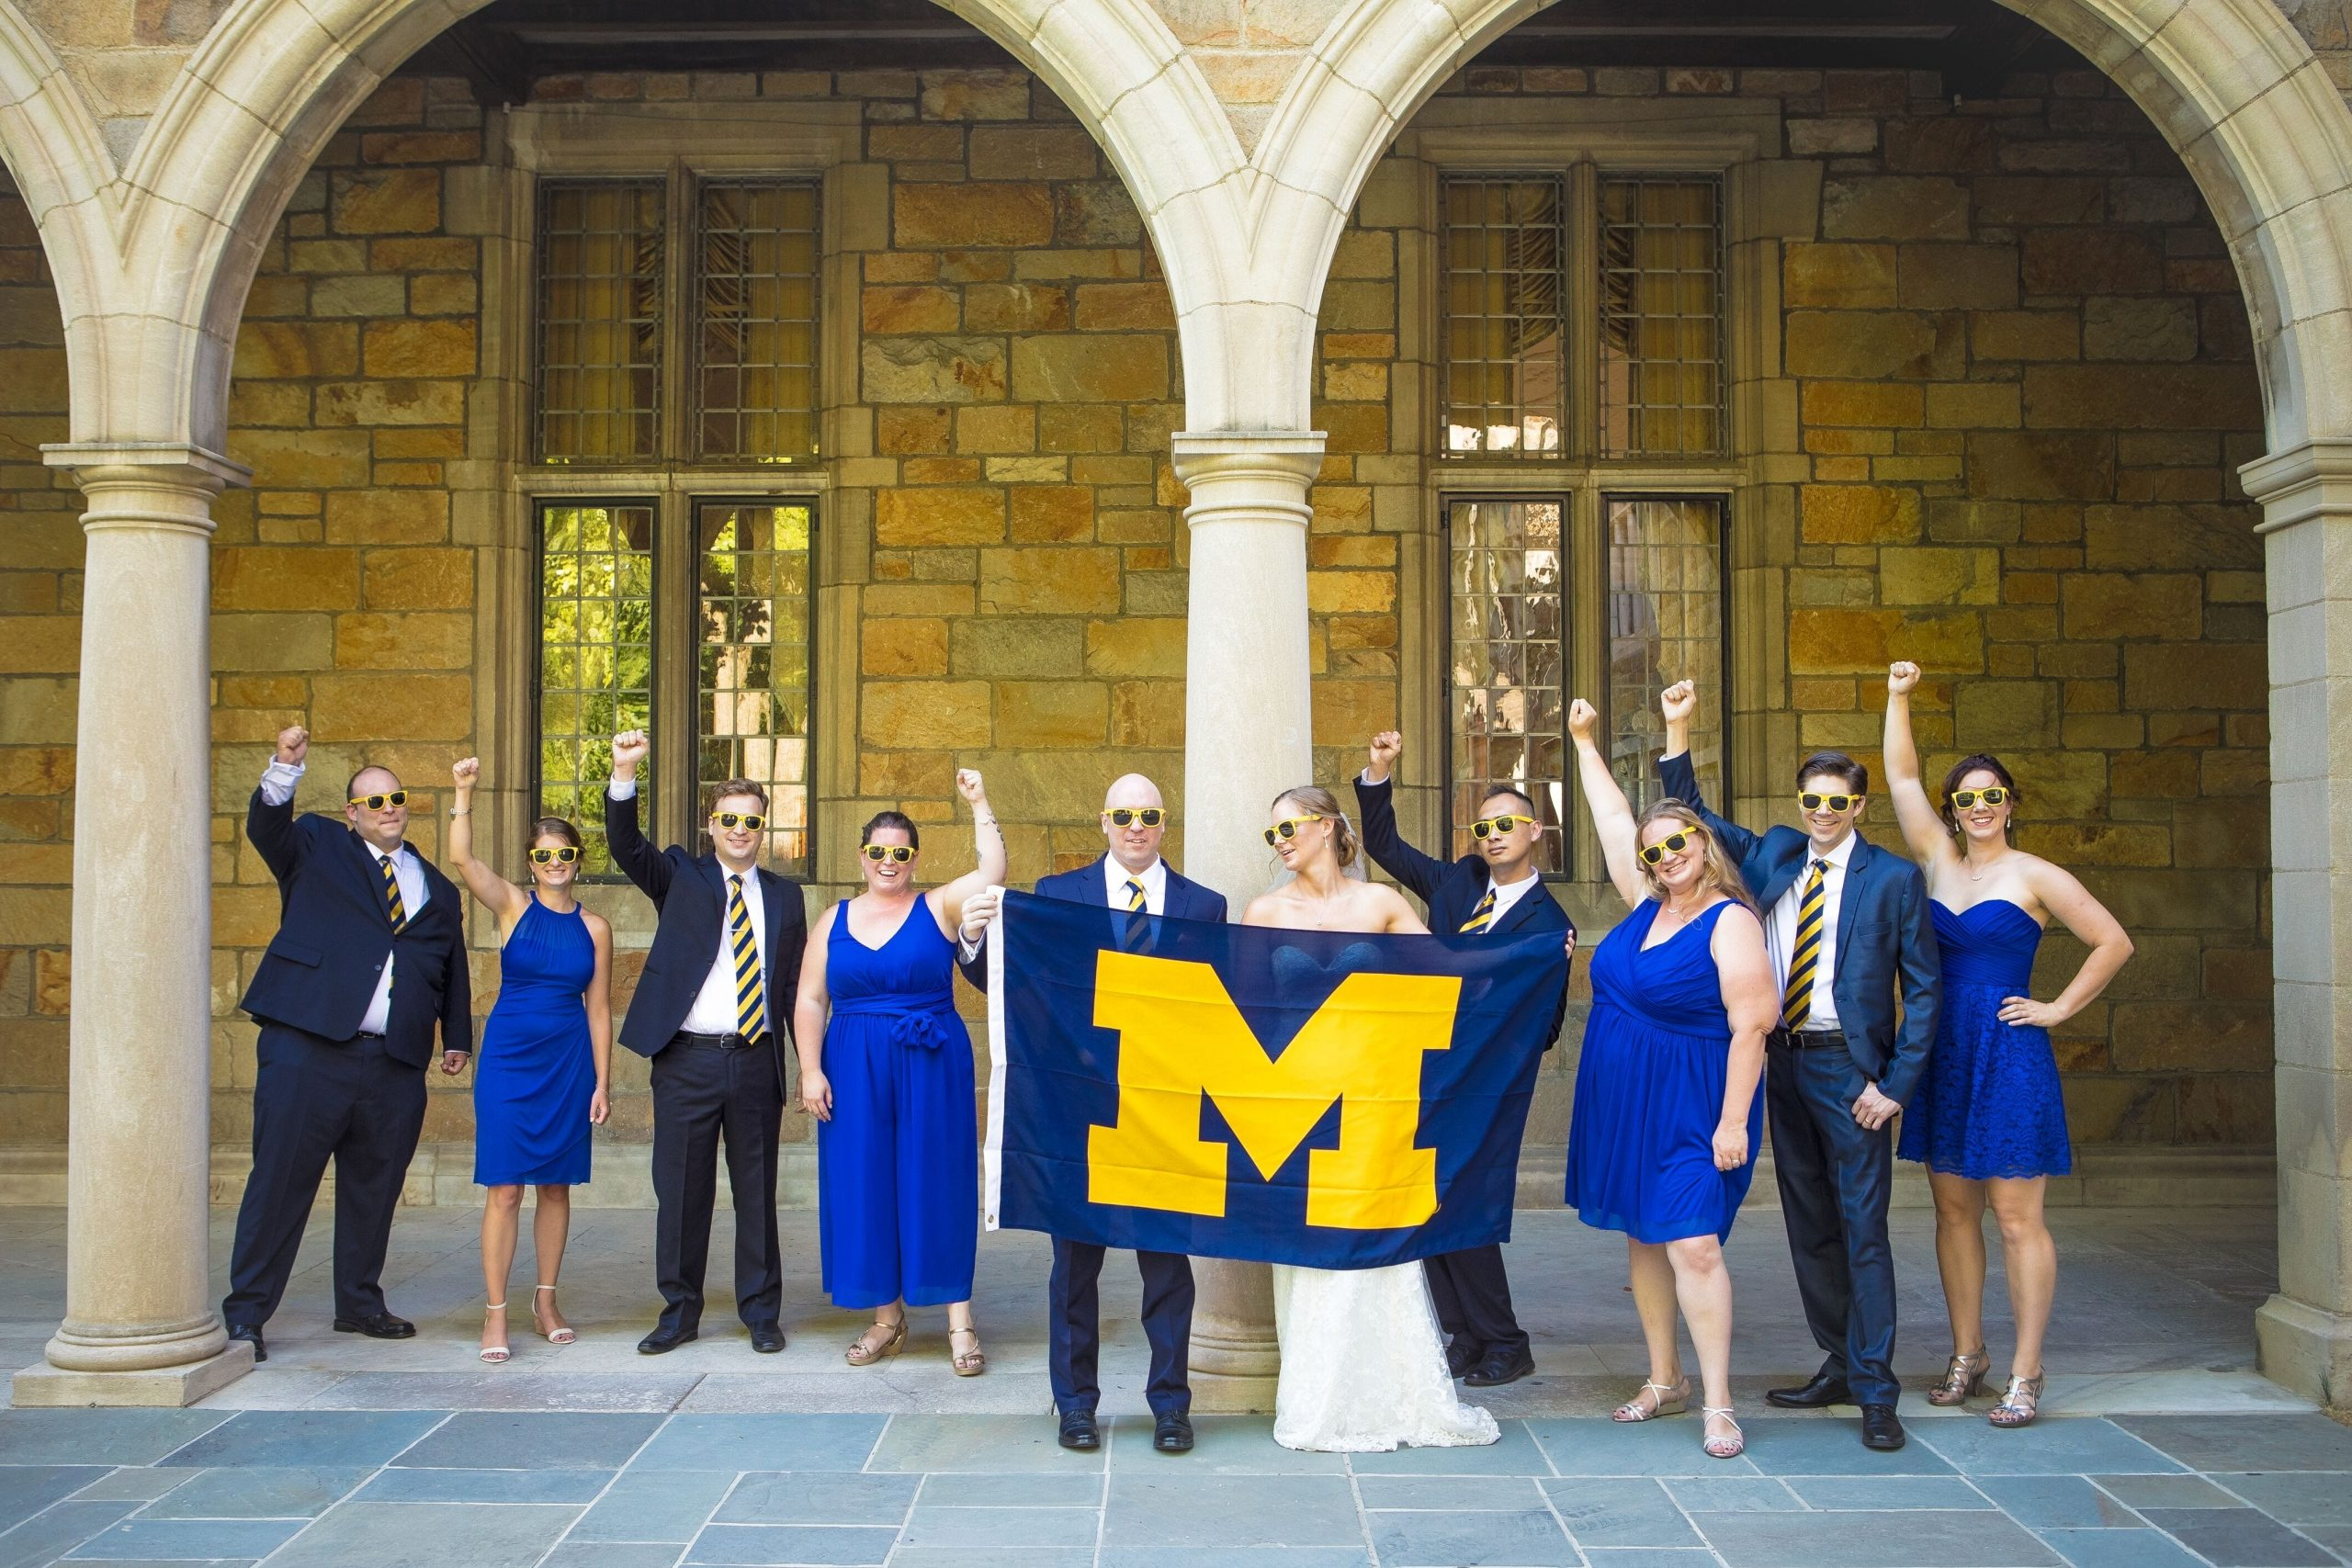 bridal party posing Michigan football flag